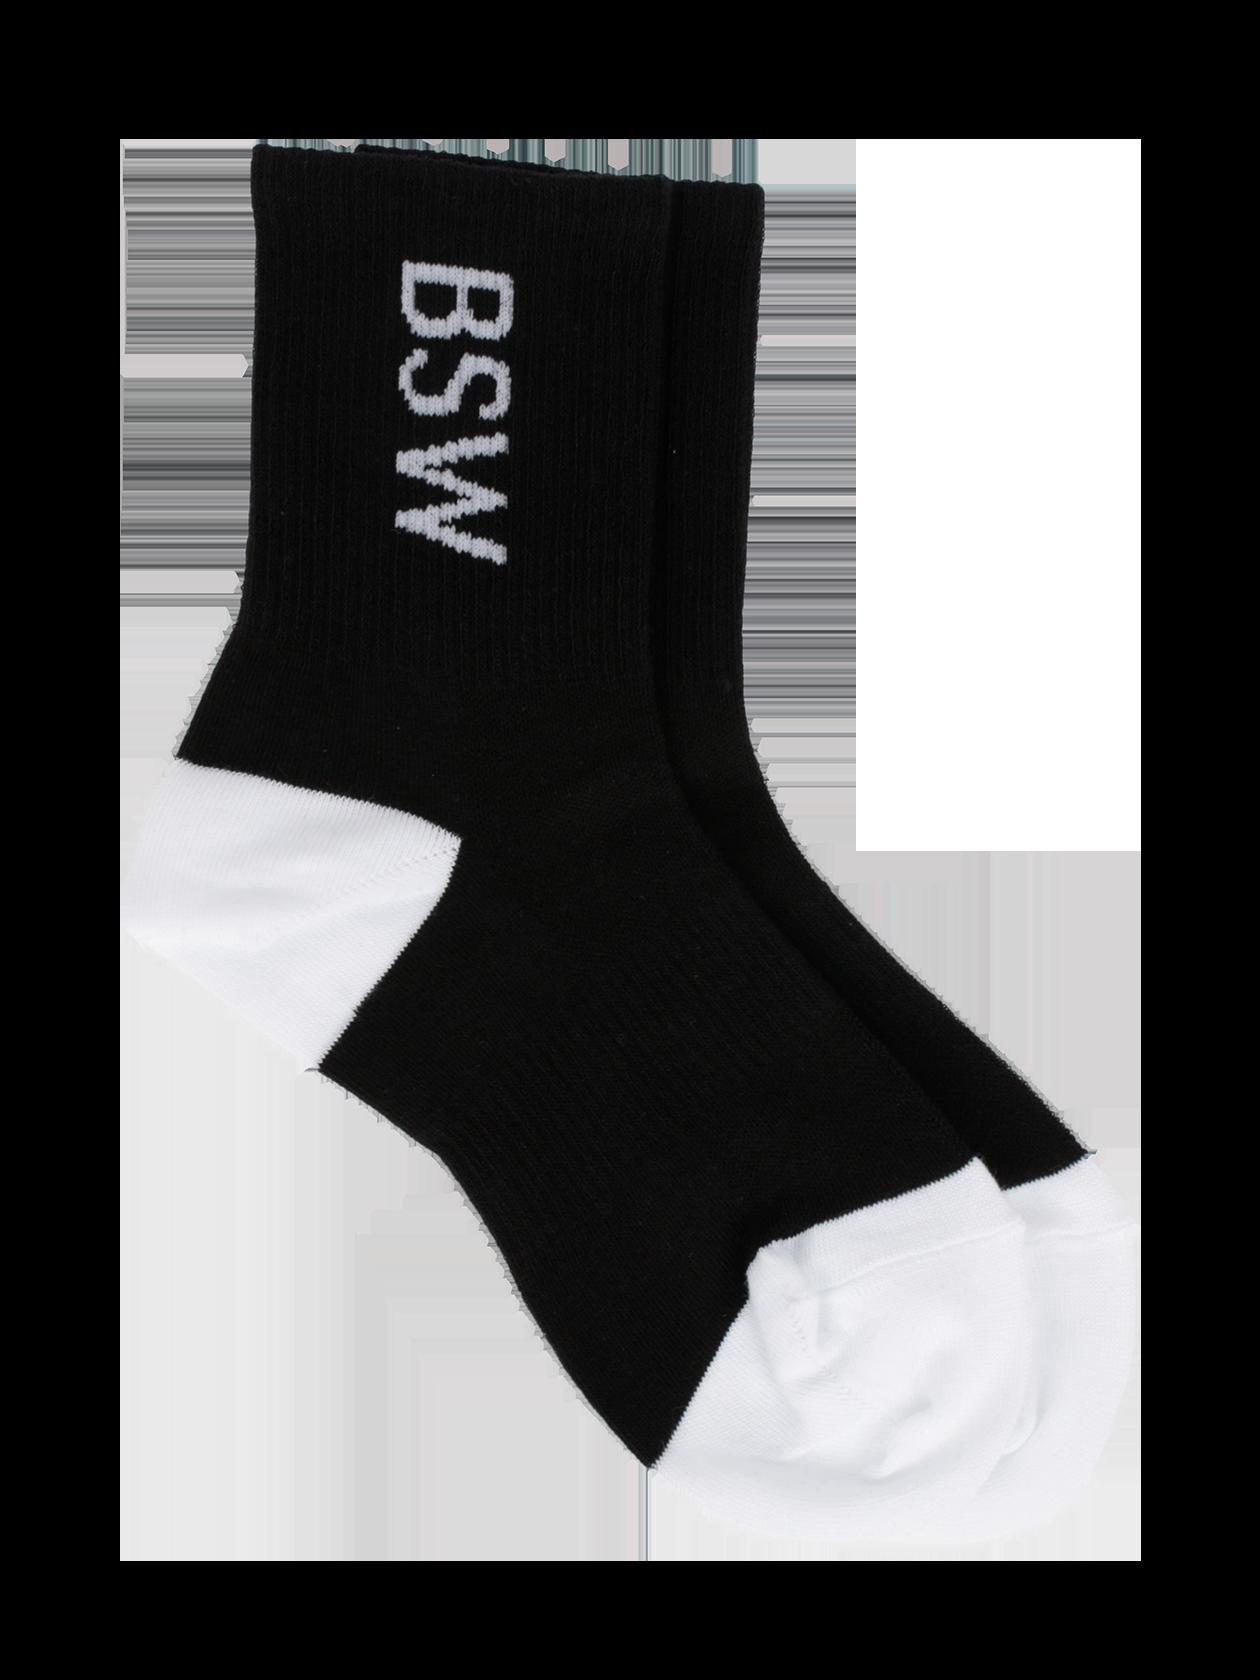 Носки унисекс BSWНоски унисекс BSW – стильная и практичная вещь, необходимая в каждом гардеробе. Модель классического кроя с эластичным голенищем средней высоты. Базовая черная расцветка разбавлена белыми вставками из основного материала на пятке и носке. Лаконичный дизайн дополнен символикой Black Star Wear, нанесенной в виде вышивки на боковые стороны изделия. Носки изготовлены из высококачественного хлопка, отличаются износостойкостью и удобством. Подходят для любого сезона.<br><br>Размер: 39/40<br>Цвет: Черный<br>Пол: Унисекс